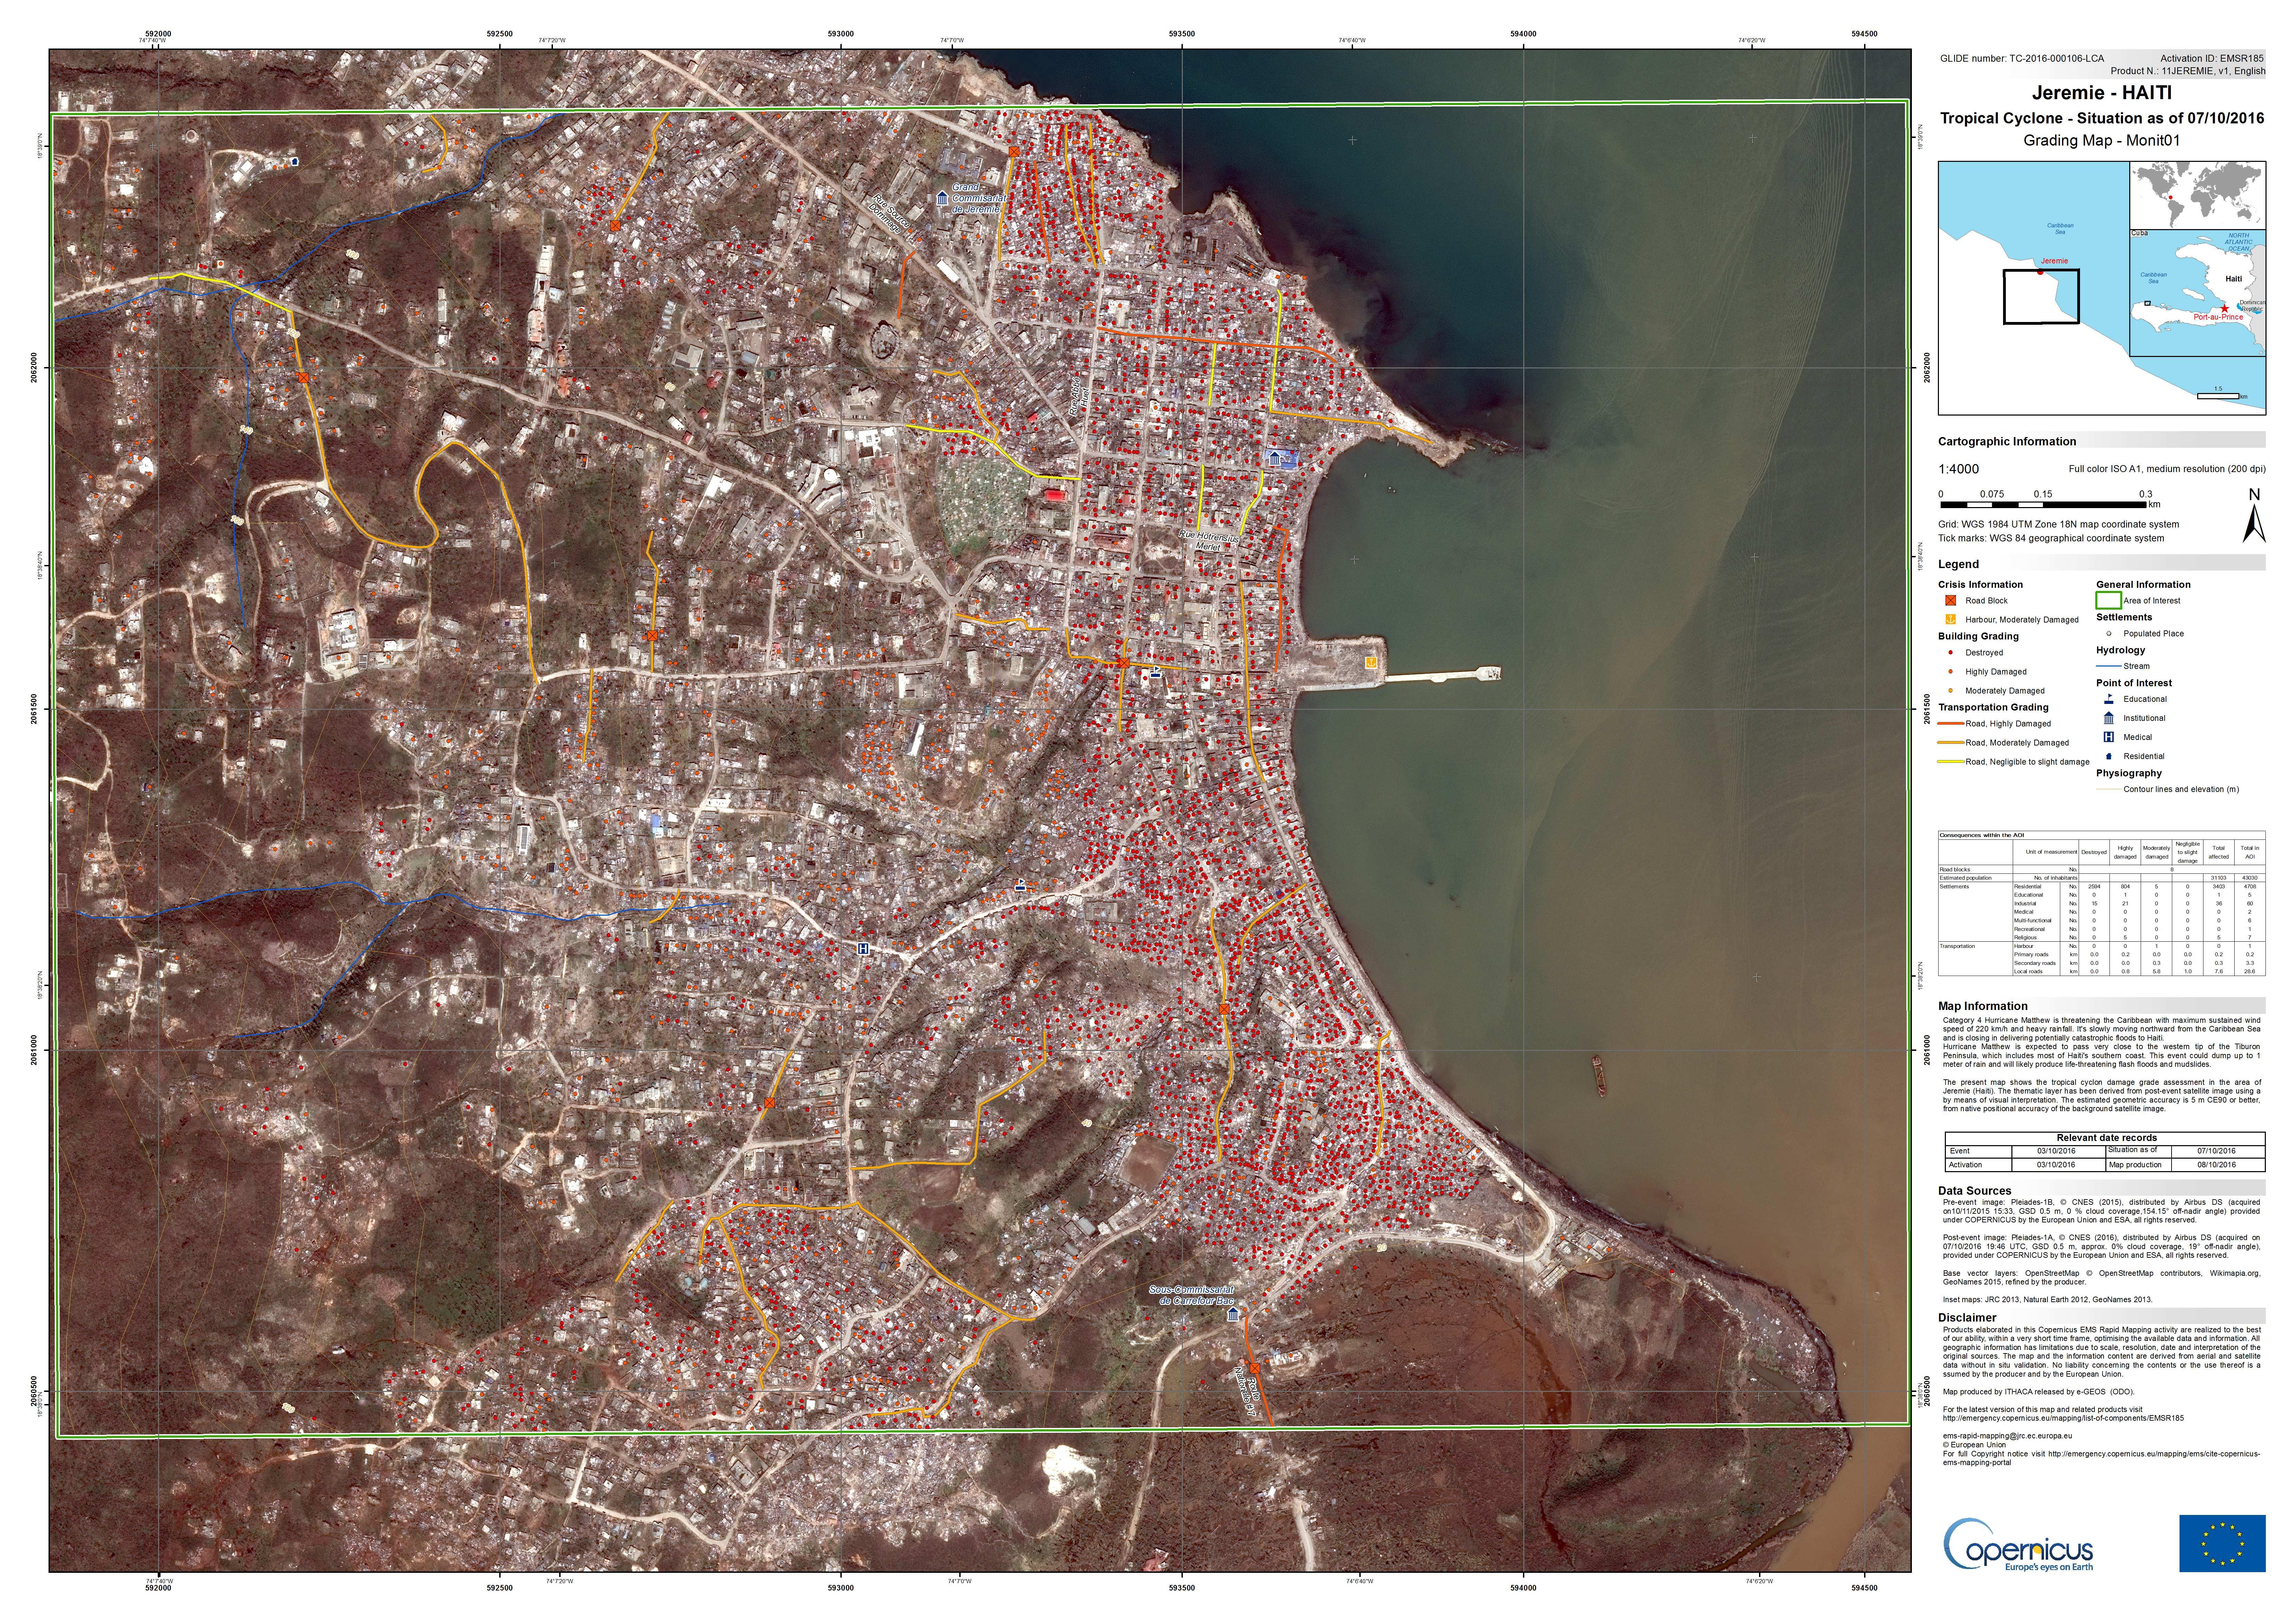 Matthew - Haiti - Cartographie rapide - Rapid mapping - Copernicus - Emergency mapping service - Jérémie - Jeremie - dégâts - grading map - Commission européenne - satellite d'observation